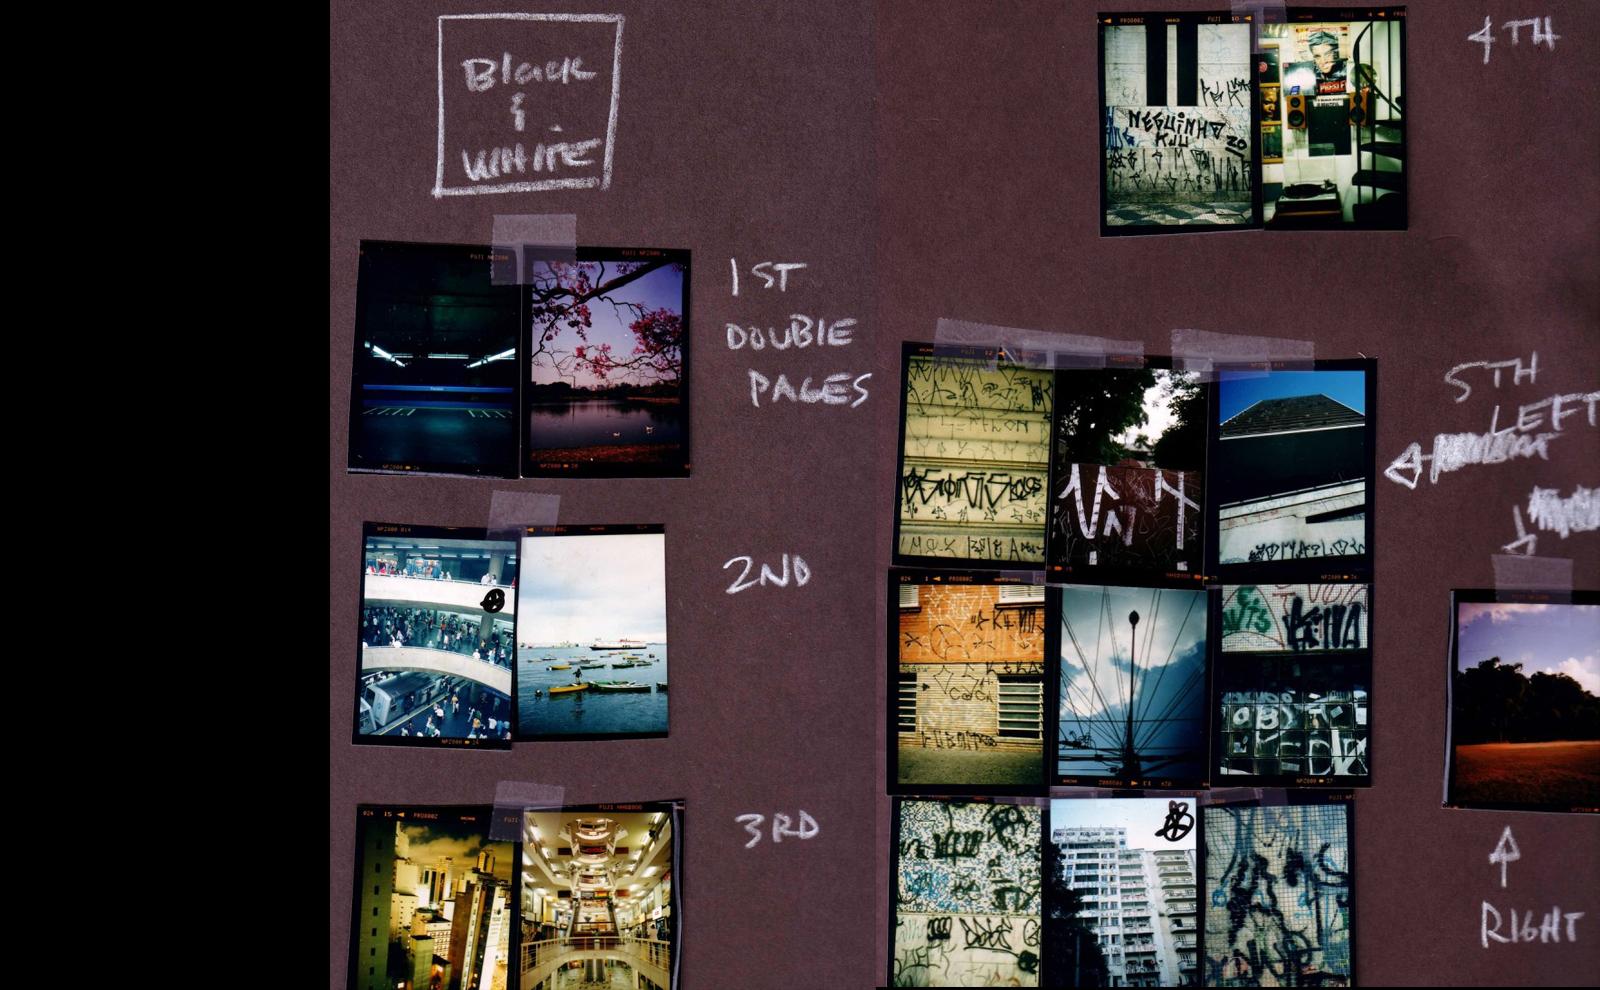 ec_portfolio-67-68.jpg